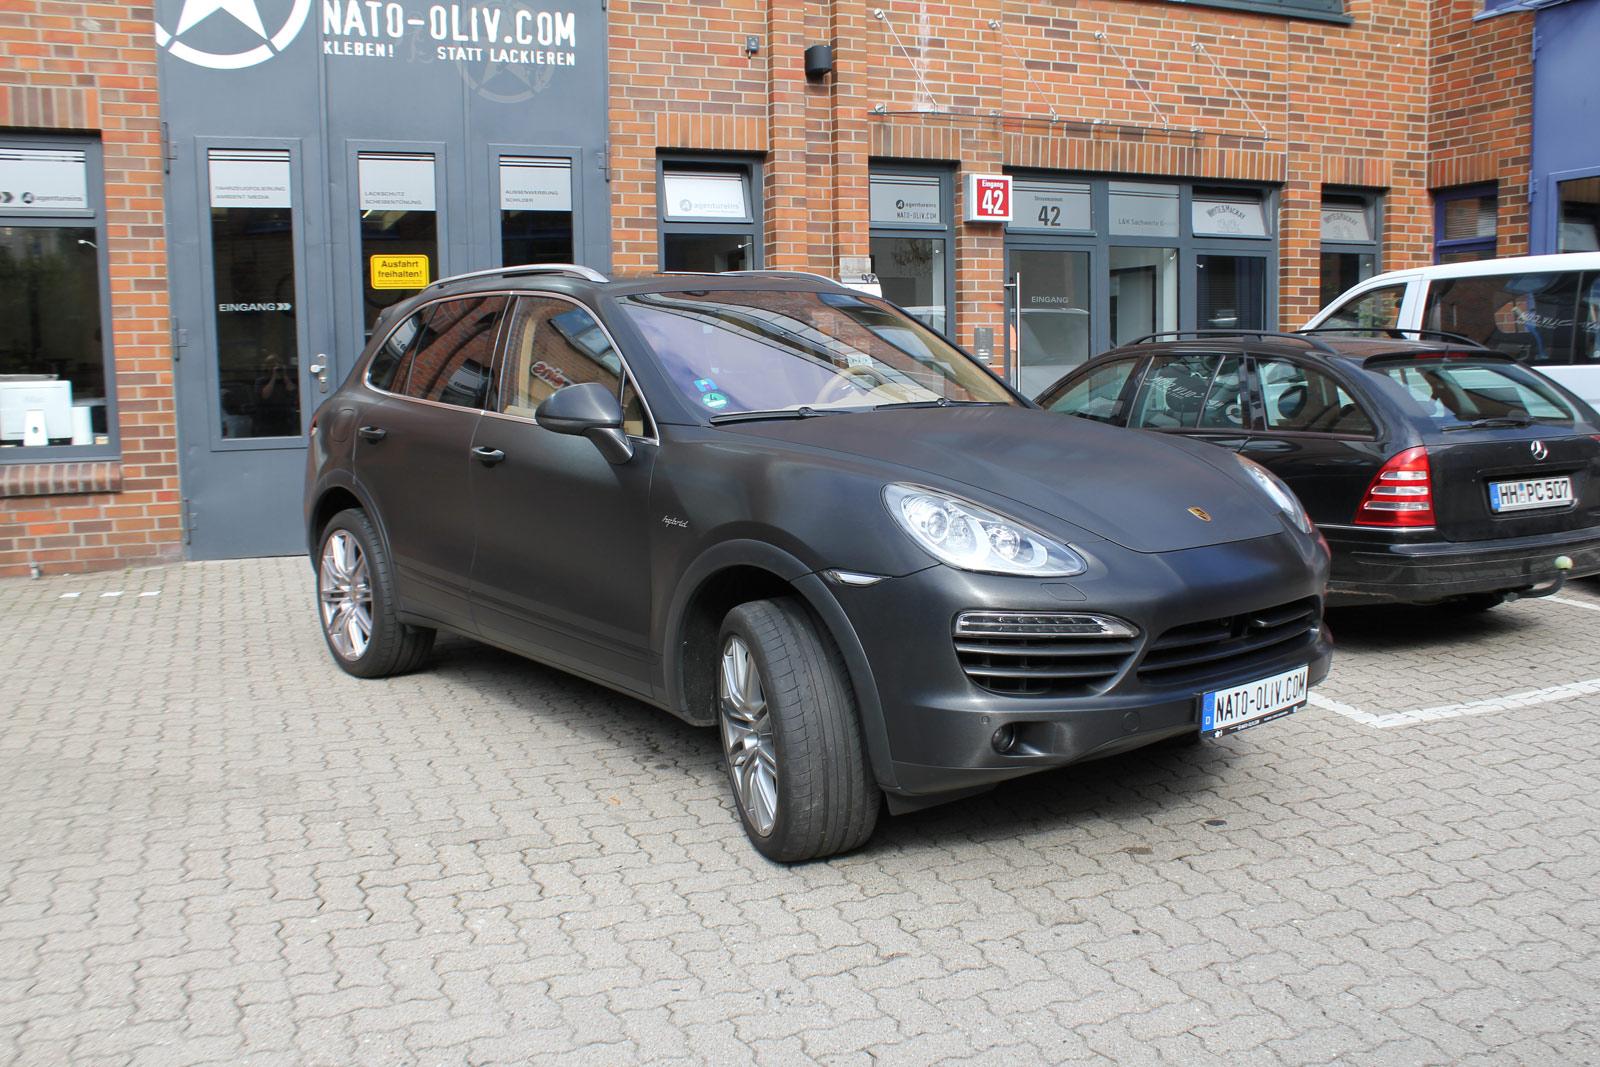 Porsche Cayenne Folierung in schwarz gebürstet.